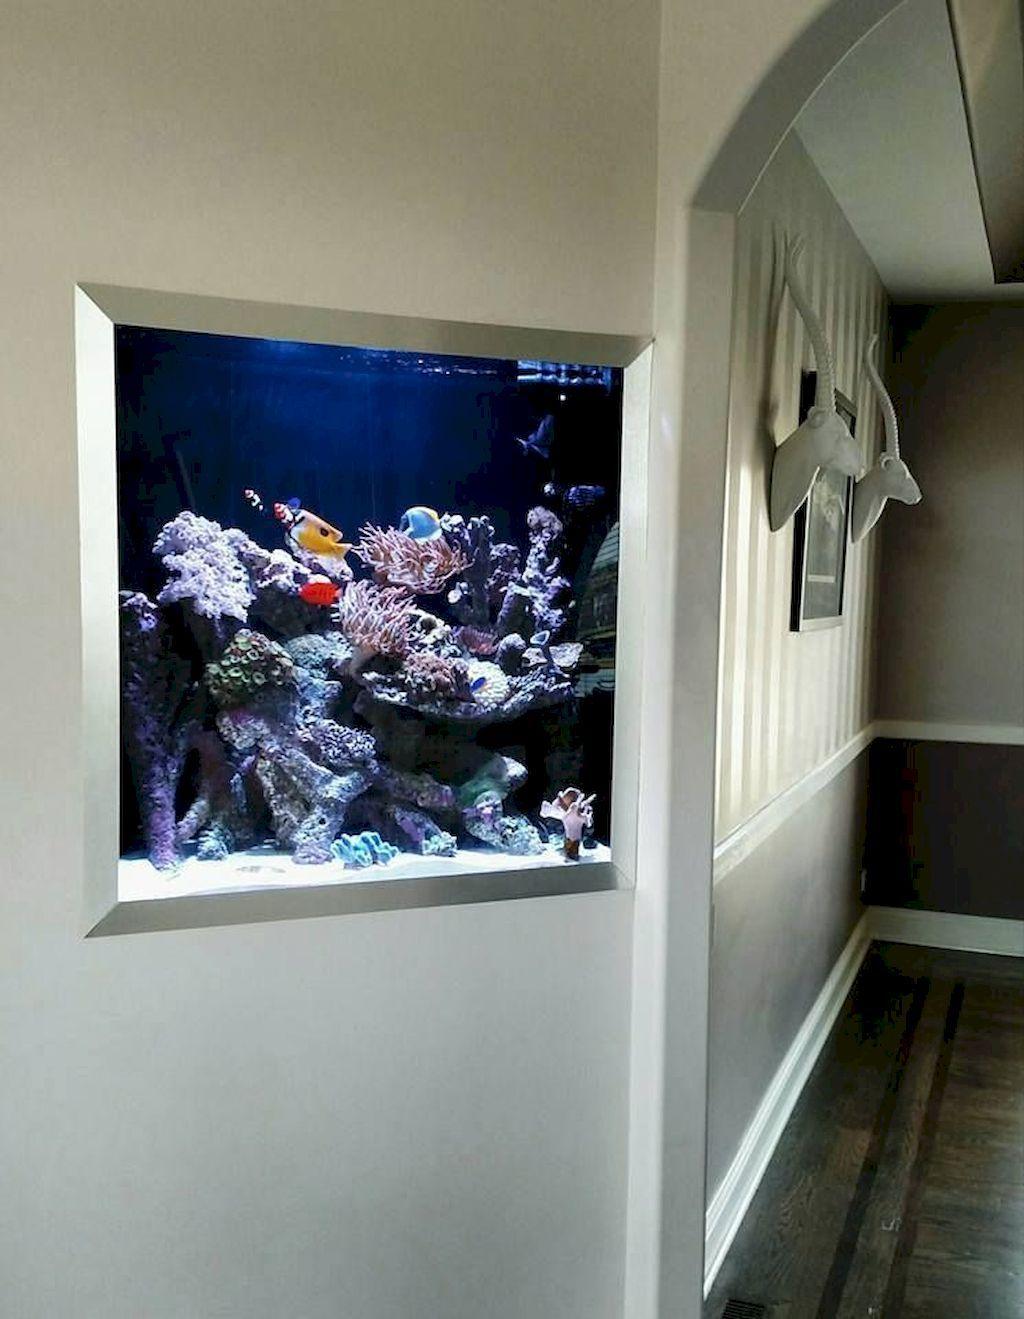 Wall Mounted Fish Tank And Aquarium Elonahome Com Fish Tank Wall Diy Fish Tank Wall Aquarium